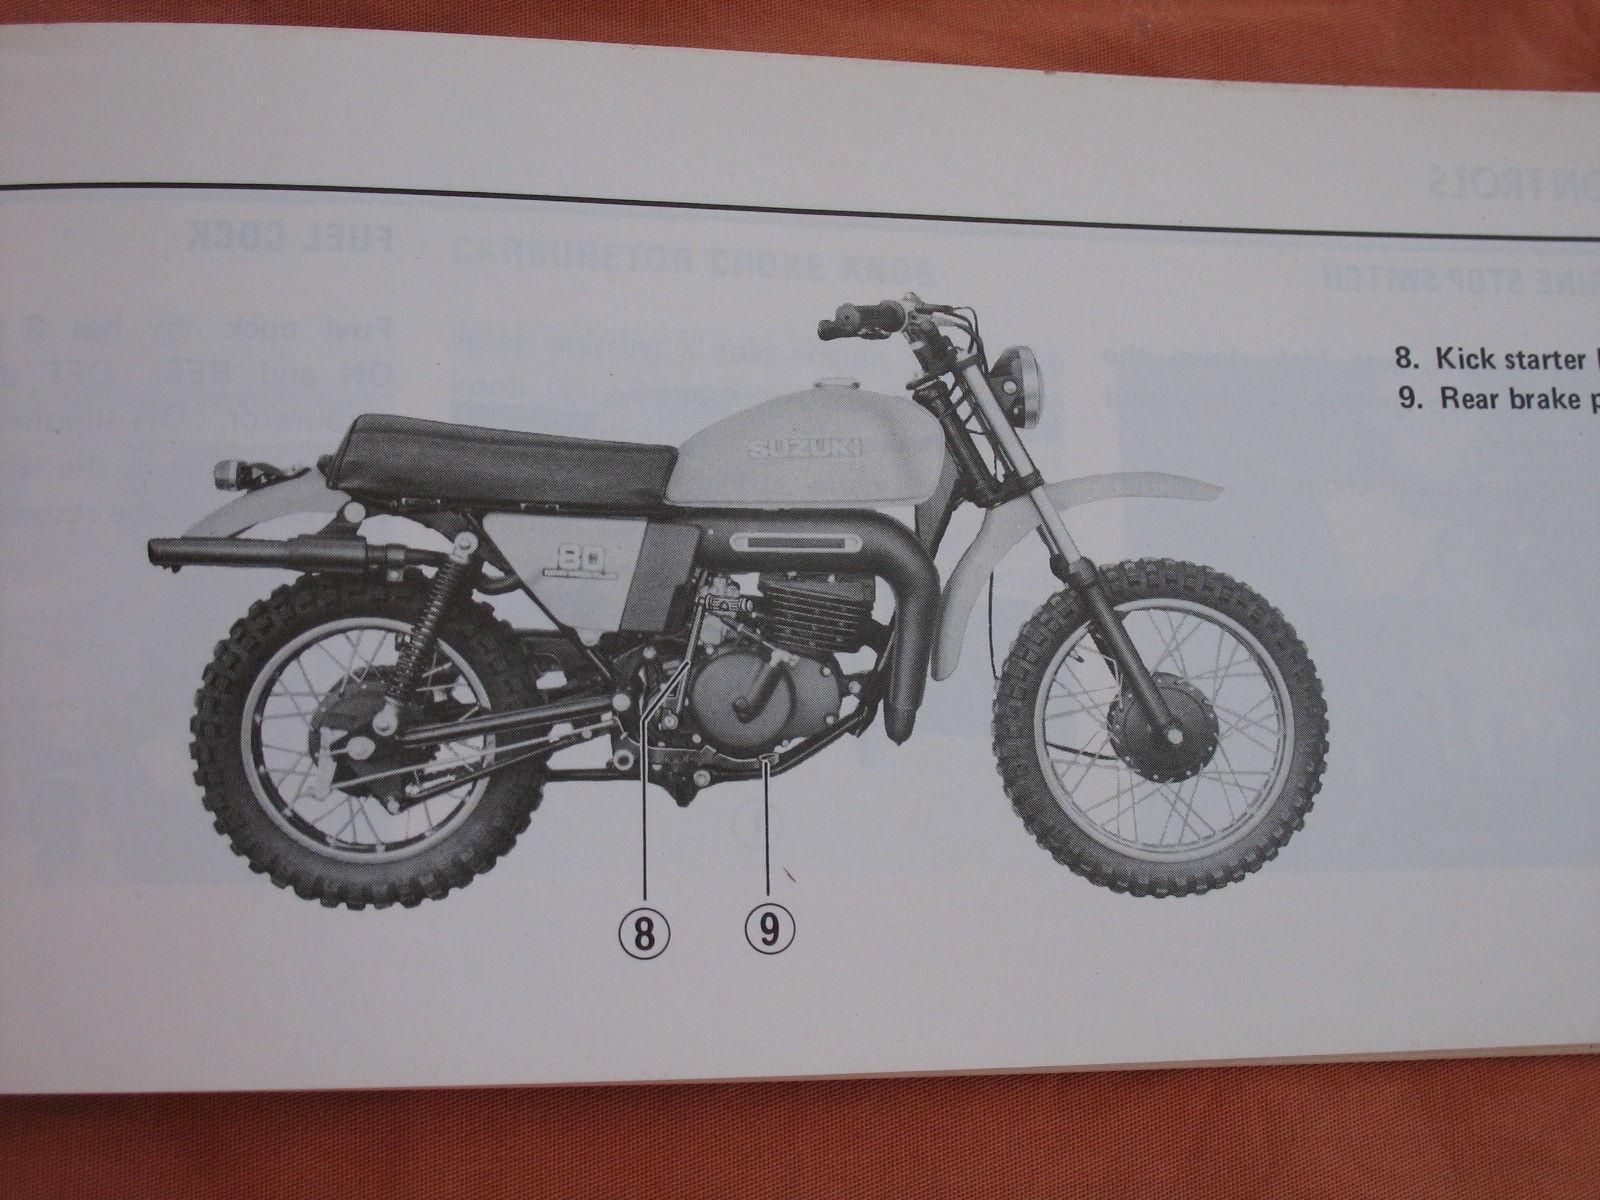 Suzuki Ds80 Wiring Diagram Schematics Gs450 Trusted Diagrams 1978 78 Ds 80